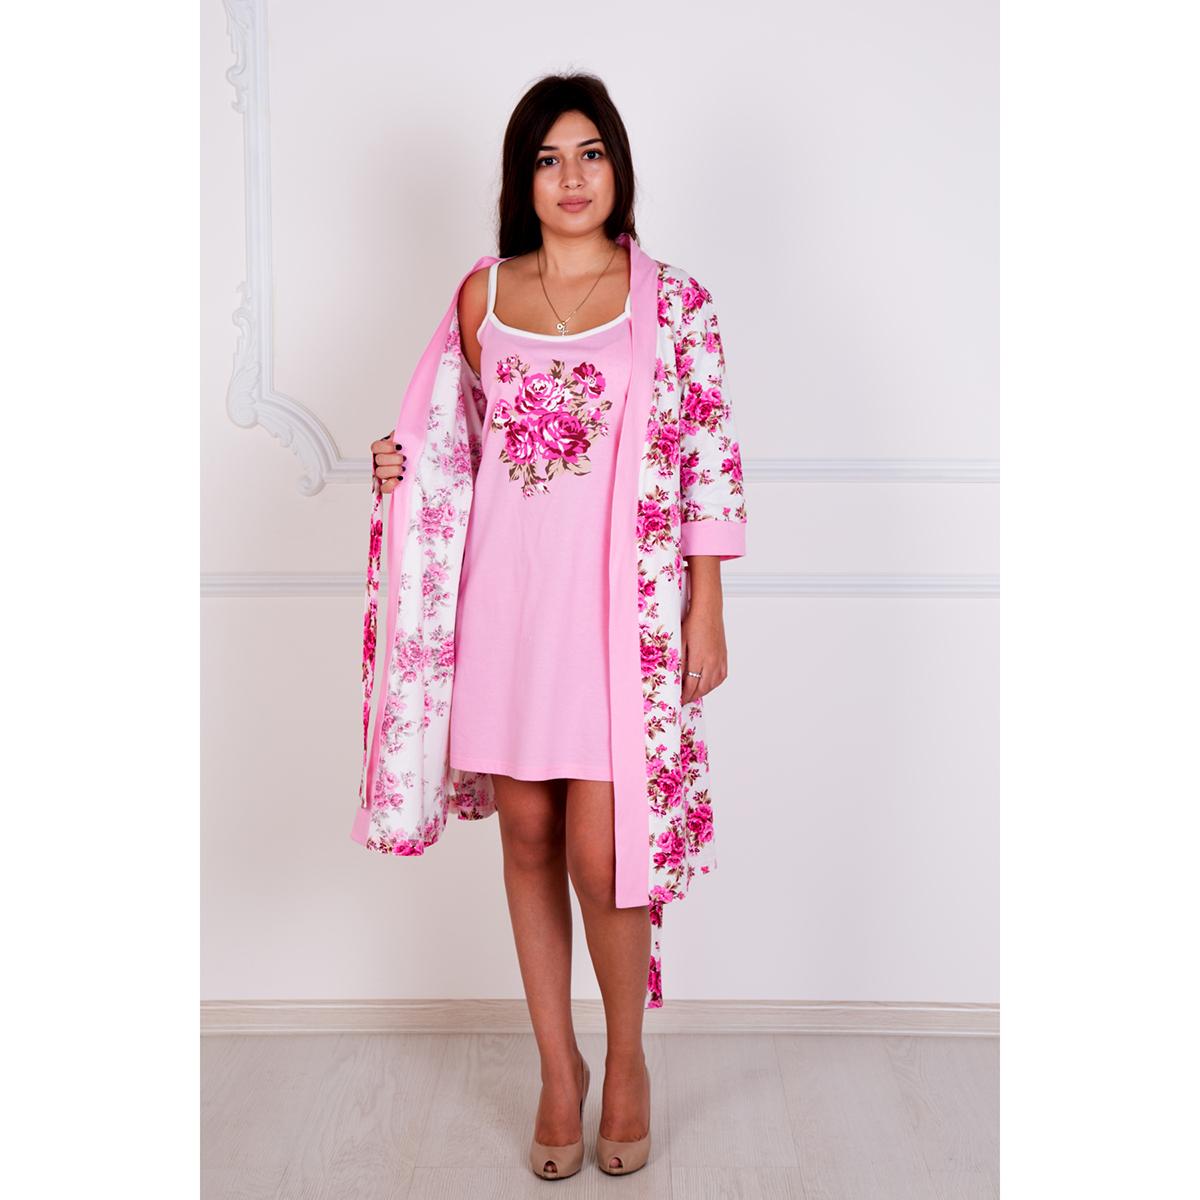 Женский комплект Роза, размер 46Пижамы и ночные сорочки<br>Обхват груди:92 см<br>Обхват талии:74 см<br>Обхват бедер:100 см<br>Рост:167 см<br><br>Тип: Жен. сорочка<br>Размер: 46<br>Материал: Кулирка